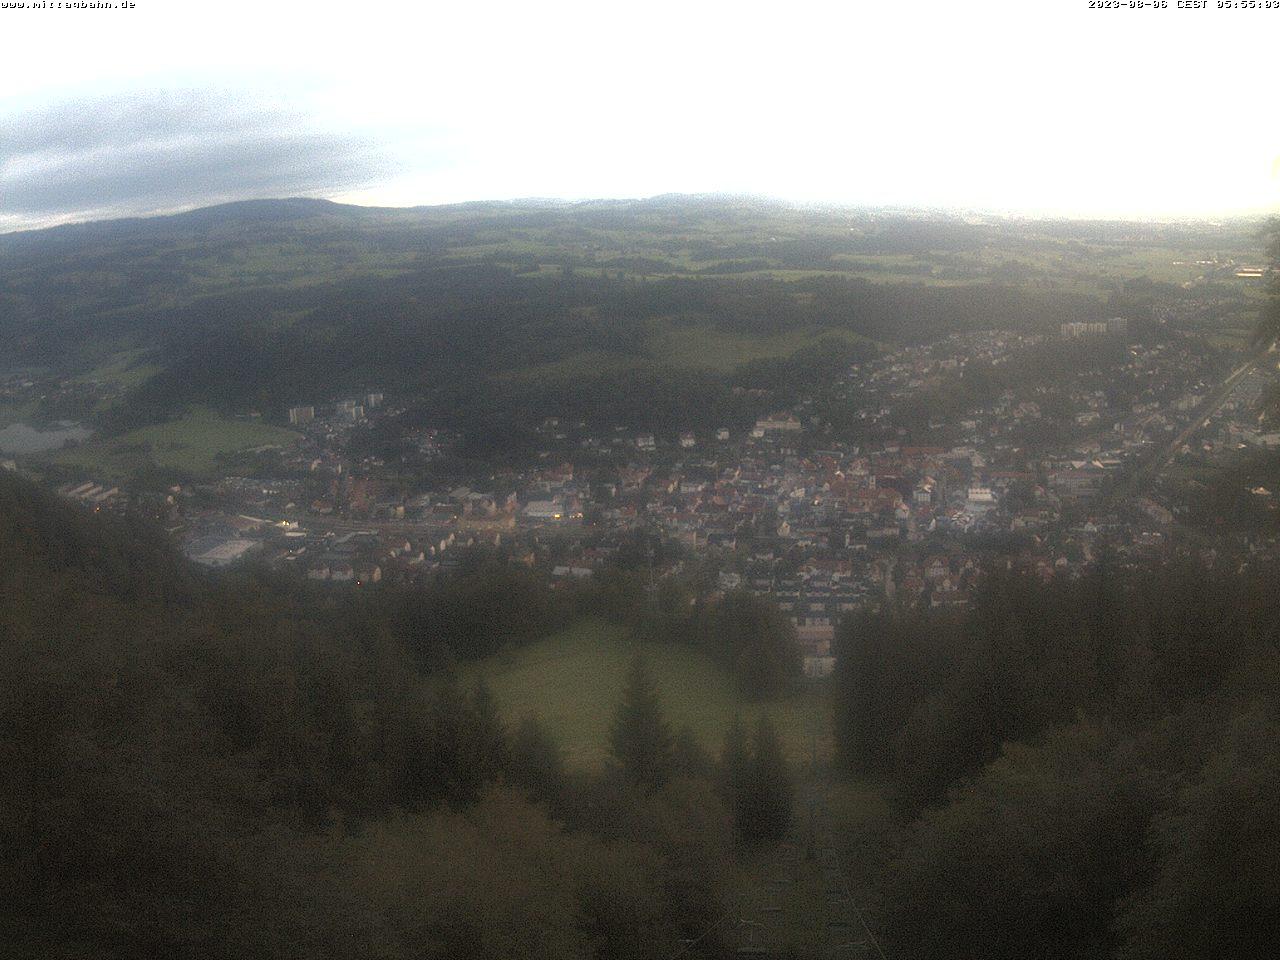 Webcam Skigebiet Immenstadt - Mittag von der Mittelstation - Allg�u